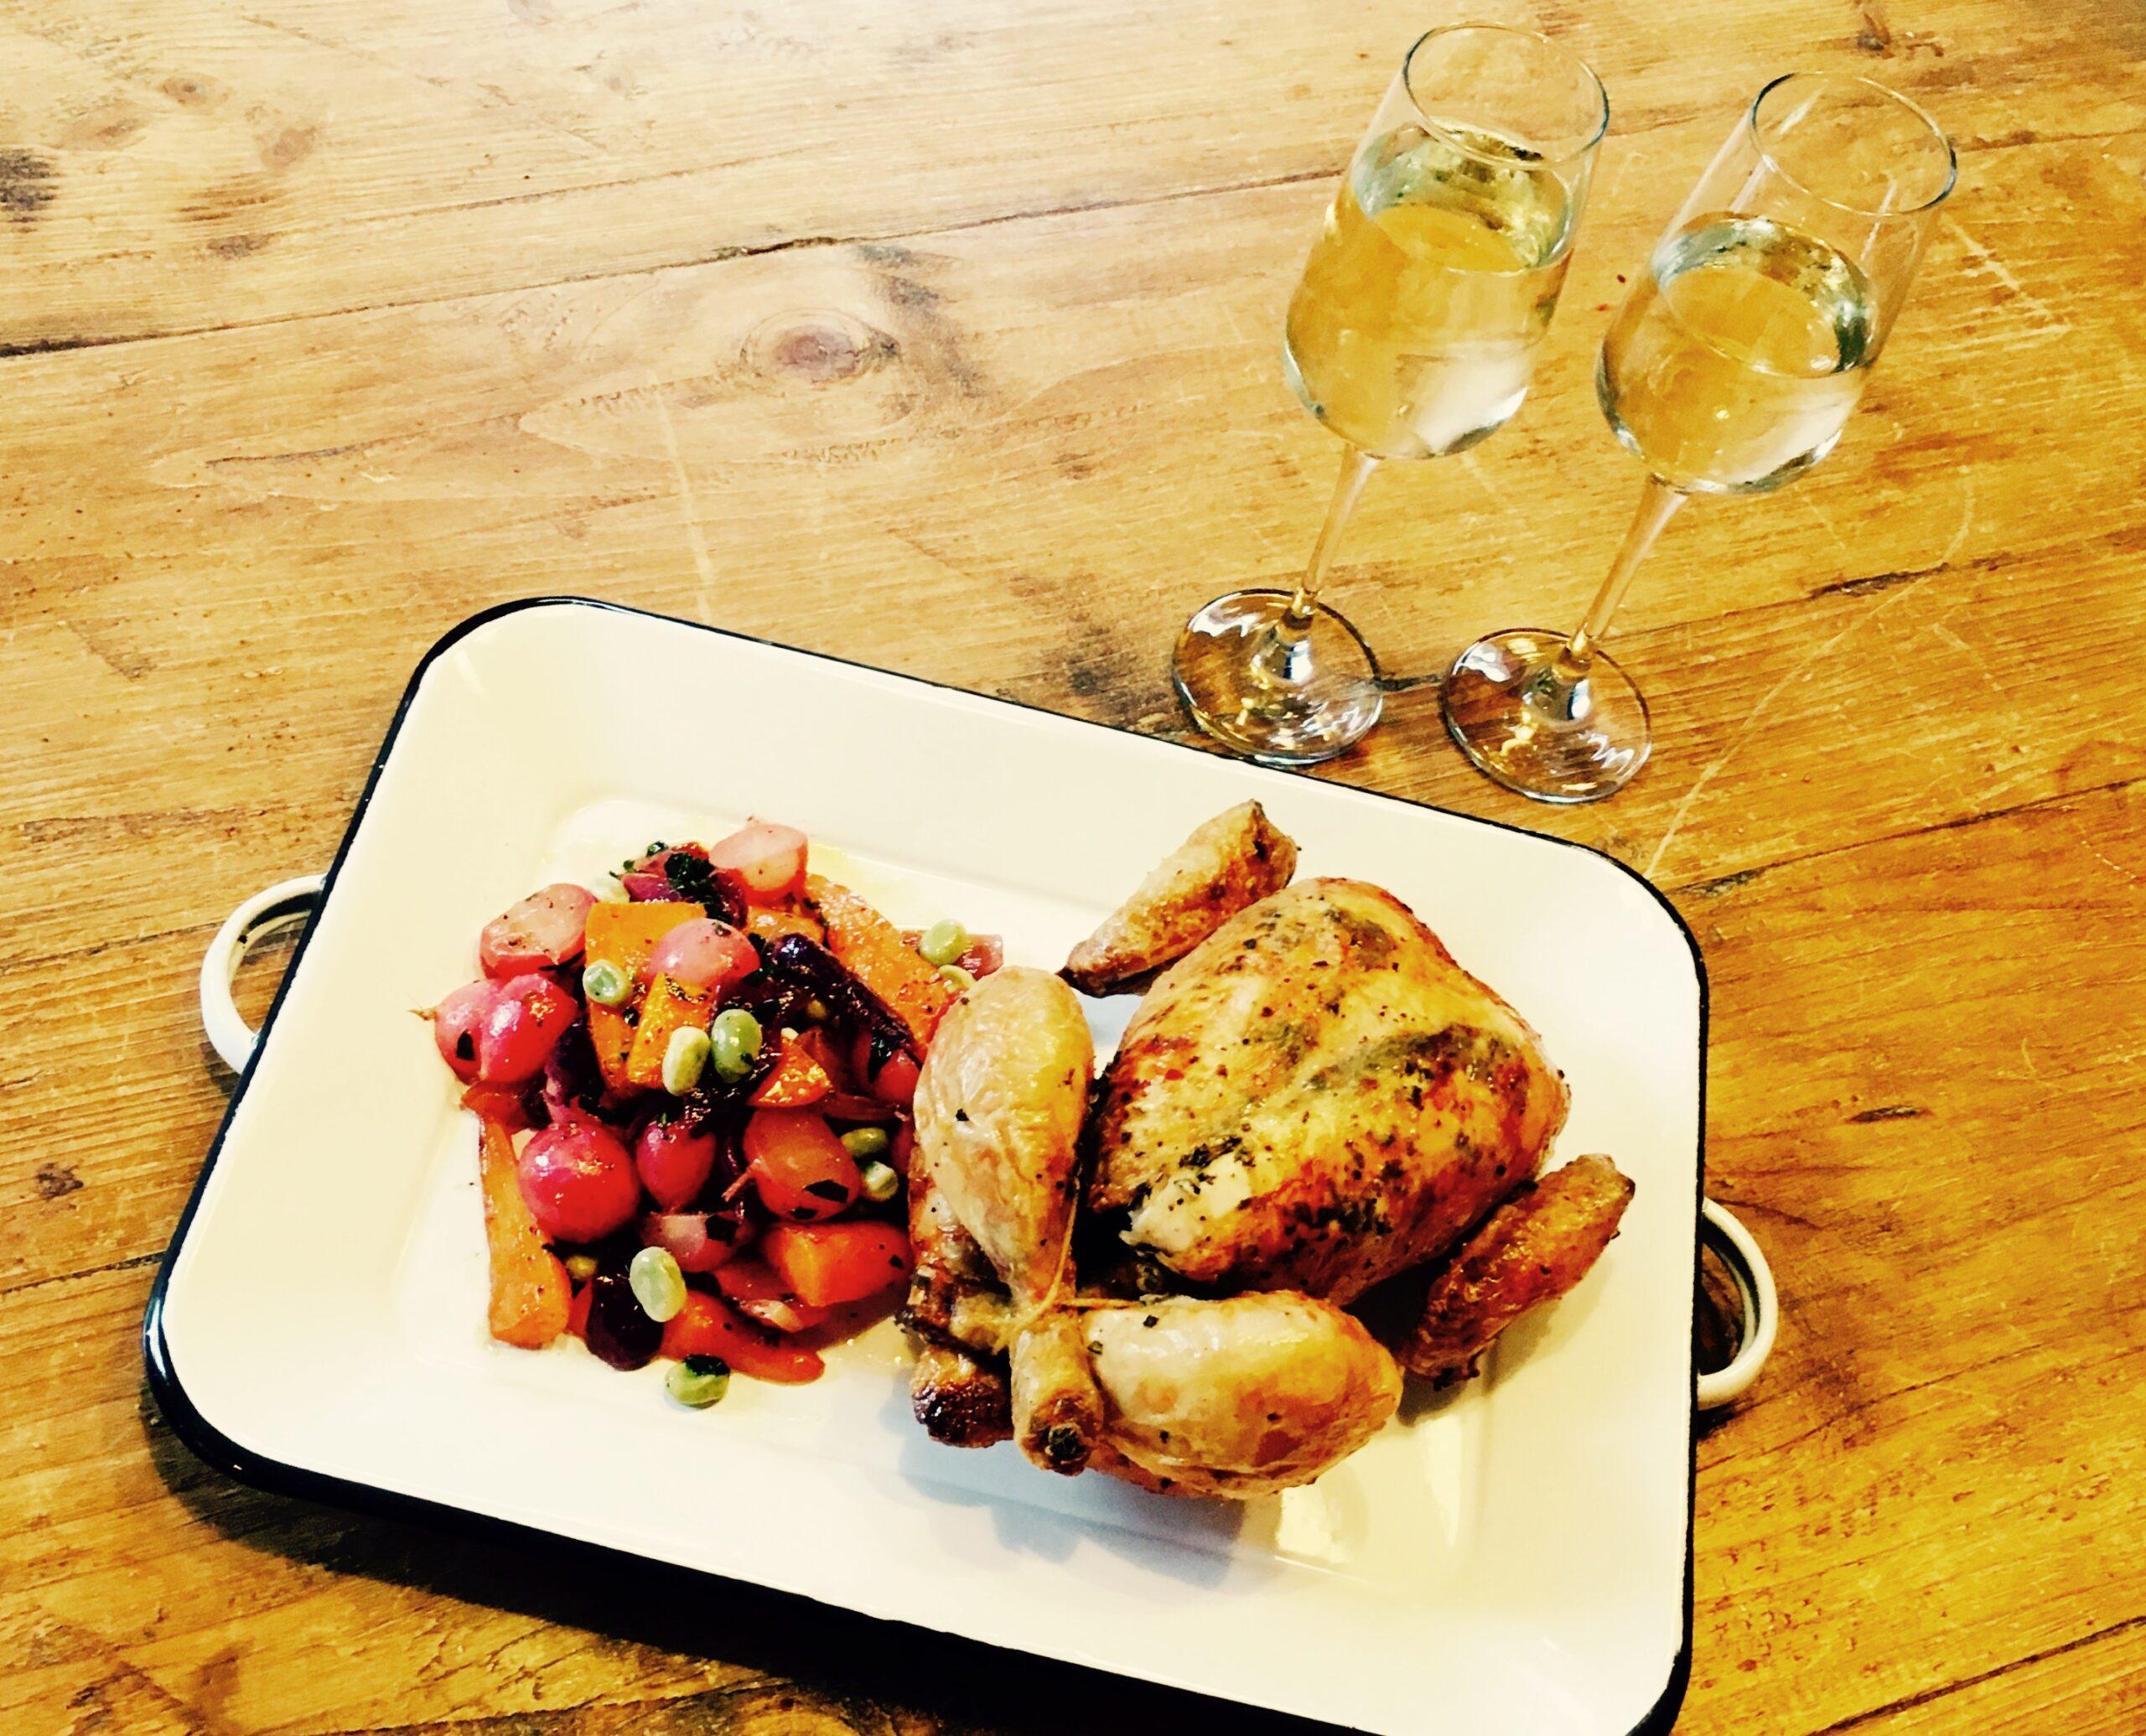 Roast Chicken with Summer Glazed Vegetables